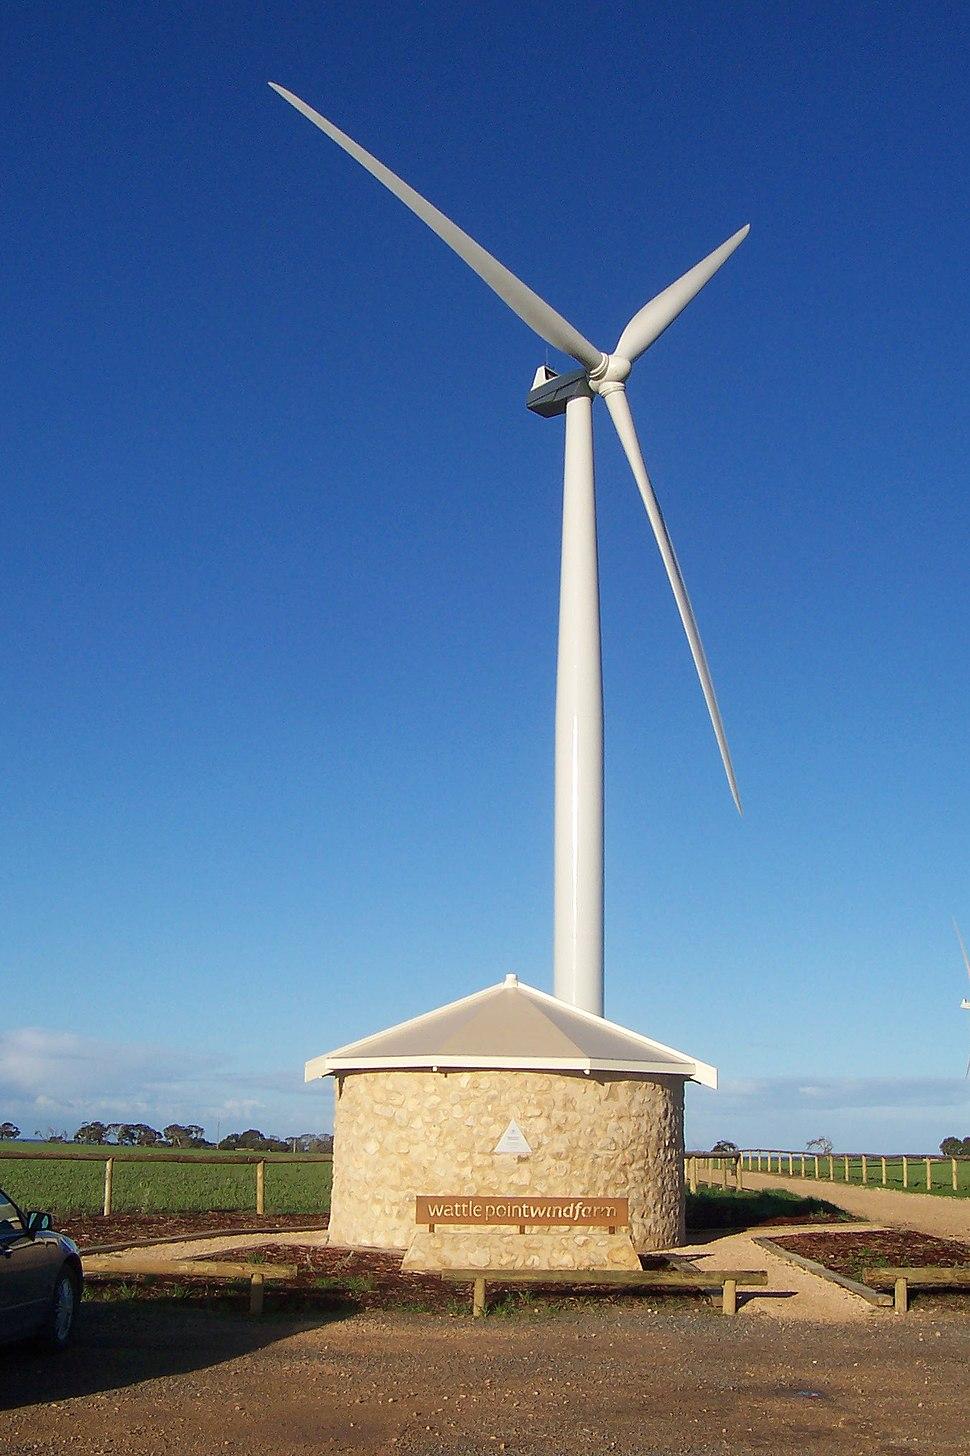 Wattle Point windmill